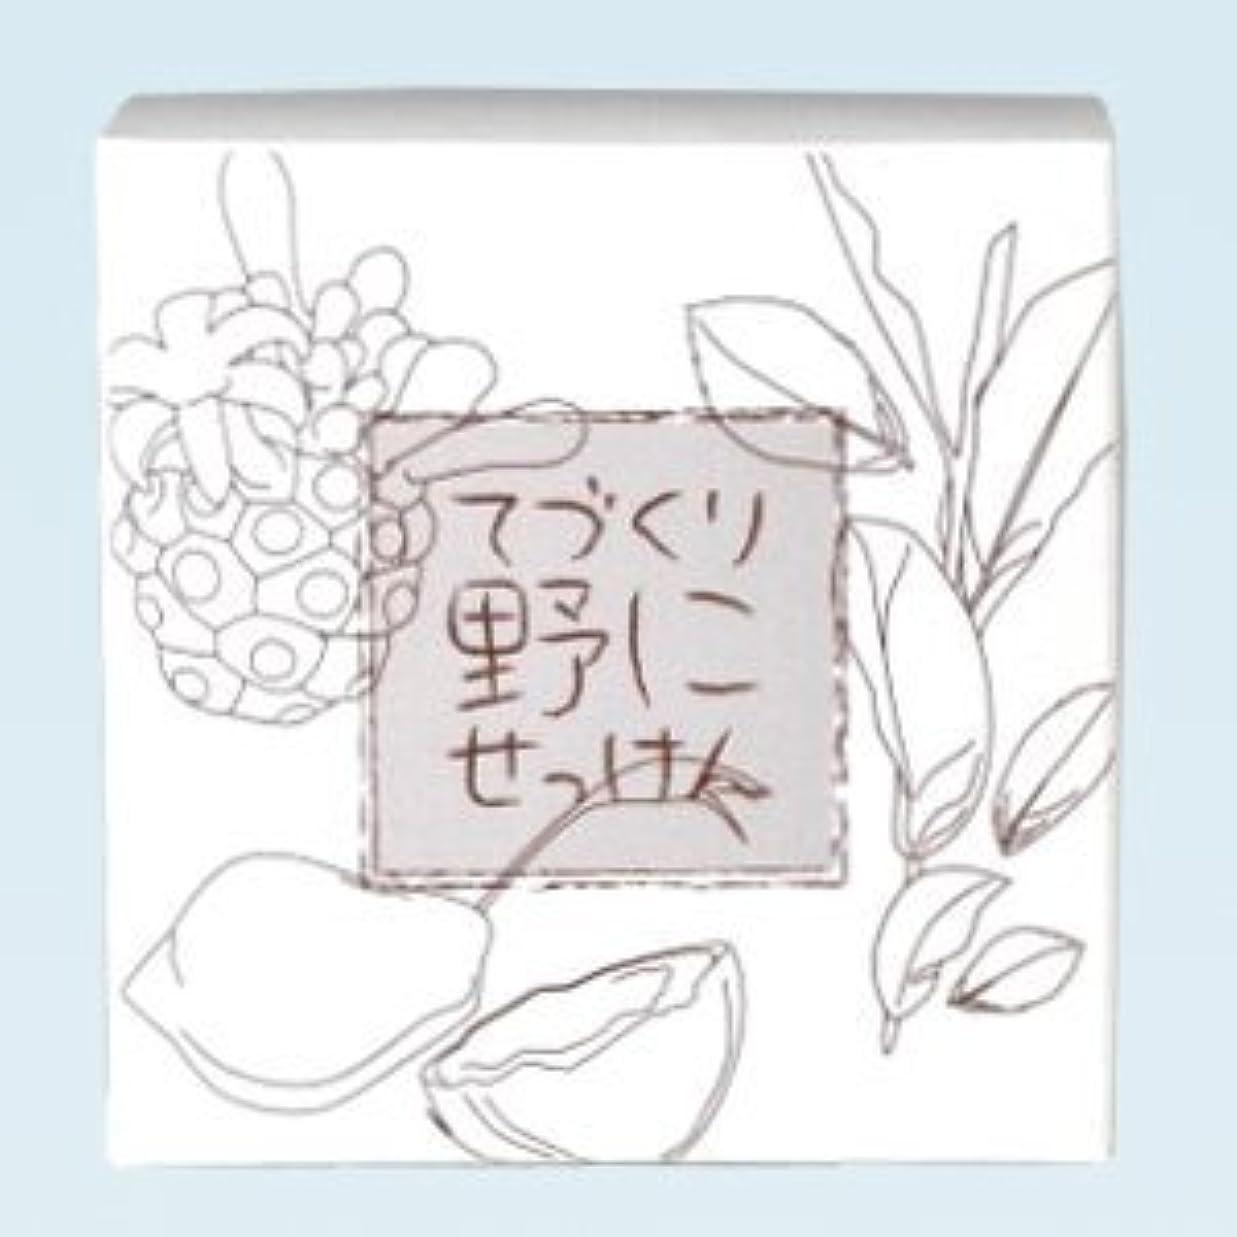 引き潮体厚さ緑茶 ノニ石鹸 てづくり野にせっけん(115g)